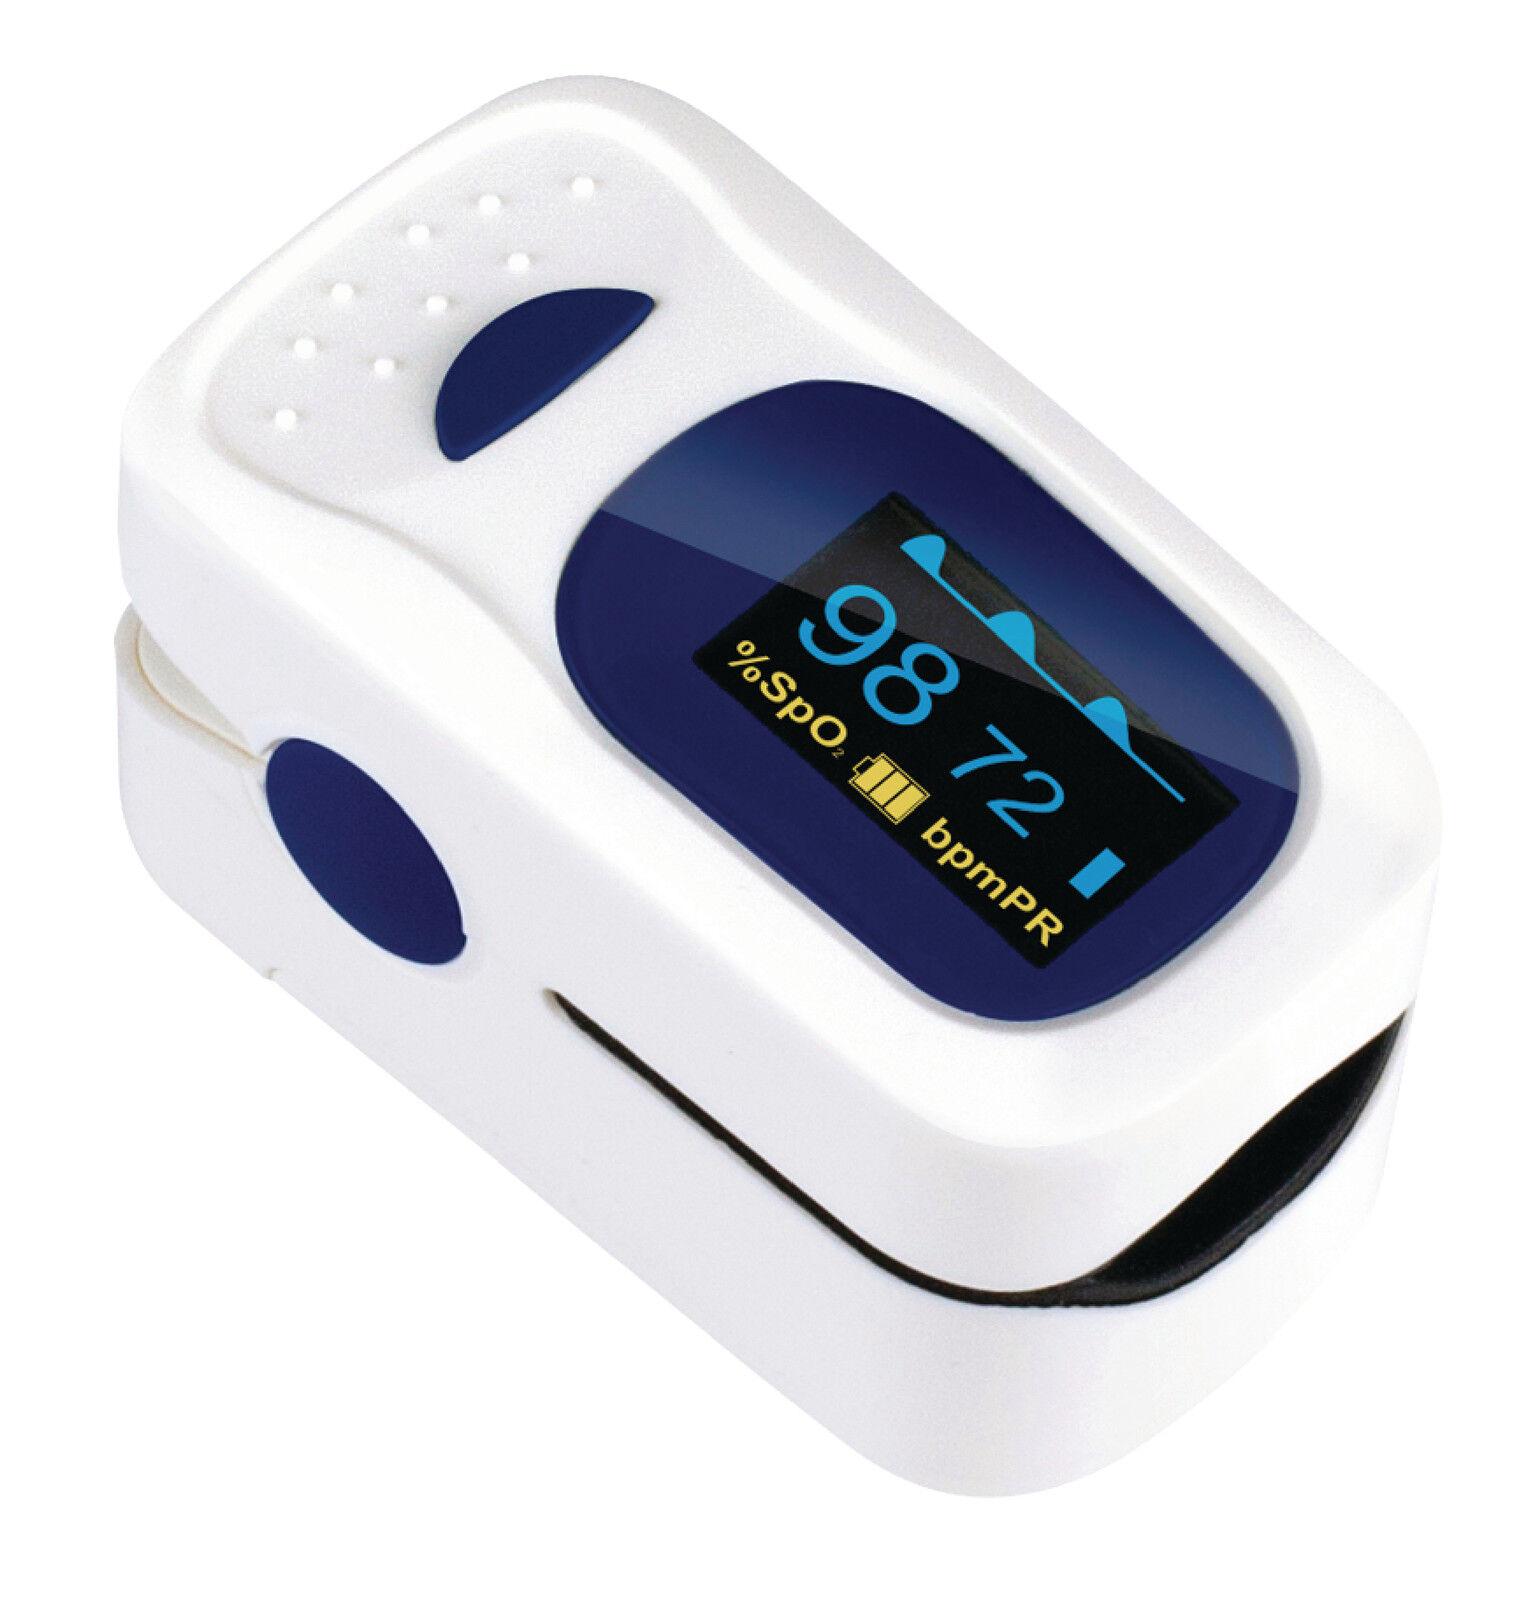 Oxígeno Probeta Medida Pulso Ritmo Frecuencia Cardíaca Tasa Oxígeno Oxigenación